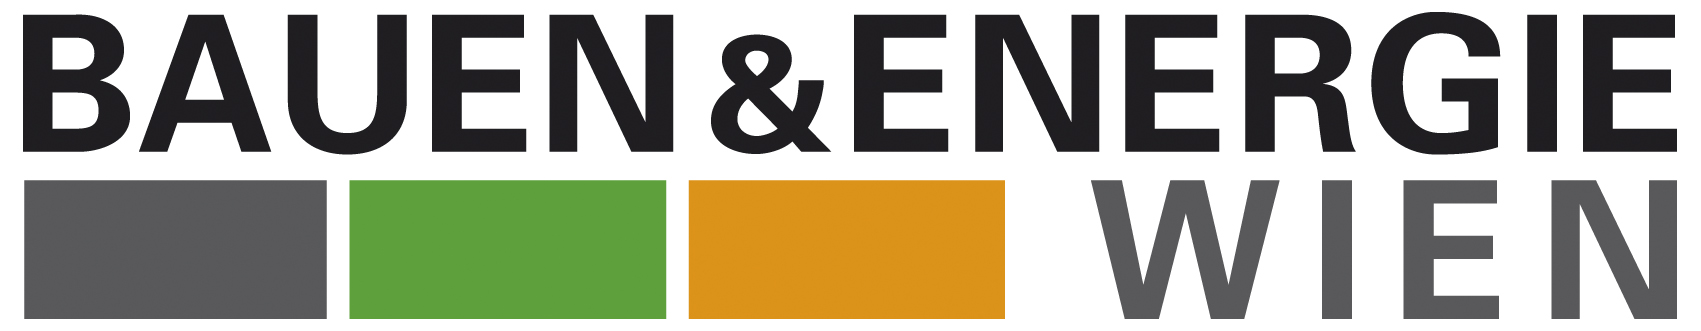 Bauen & Energie Wien Idencom targi Bauen